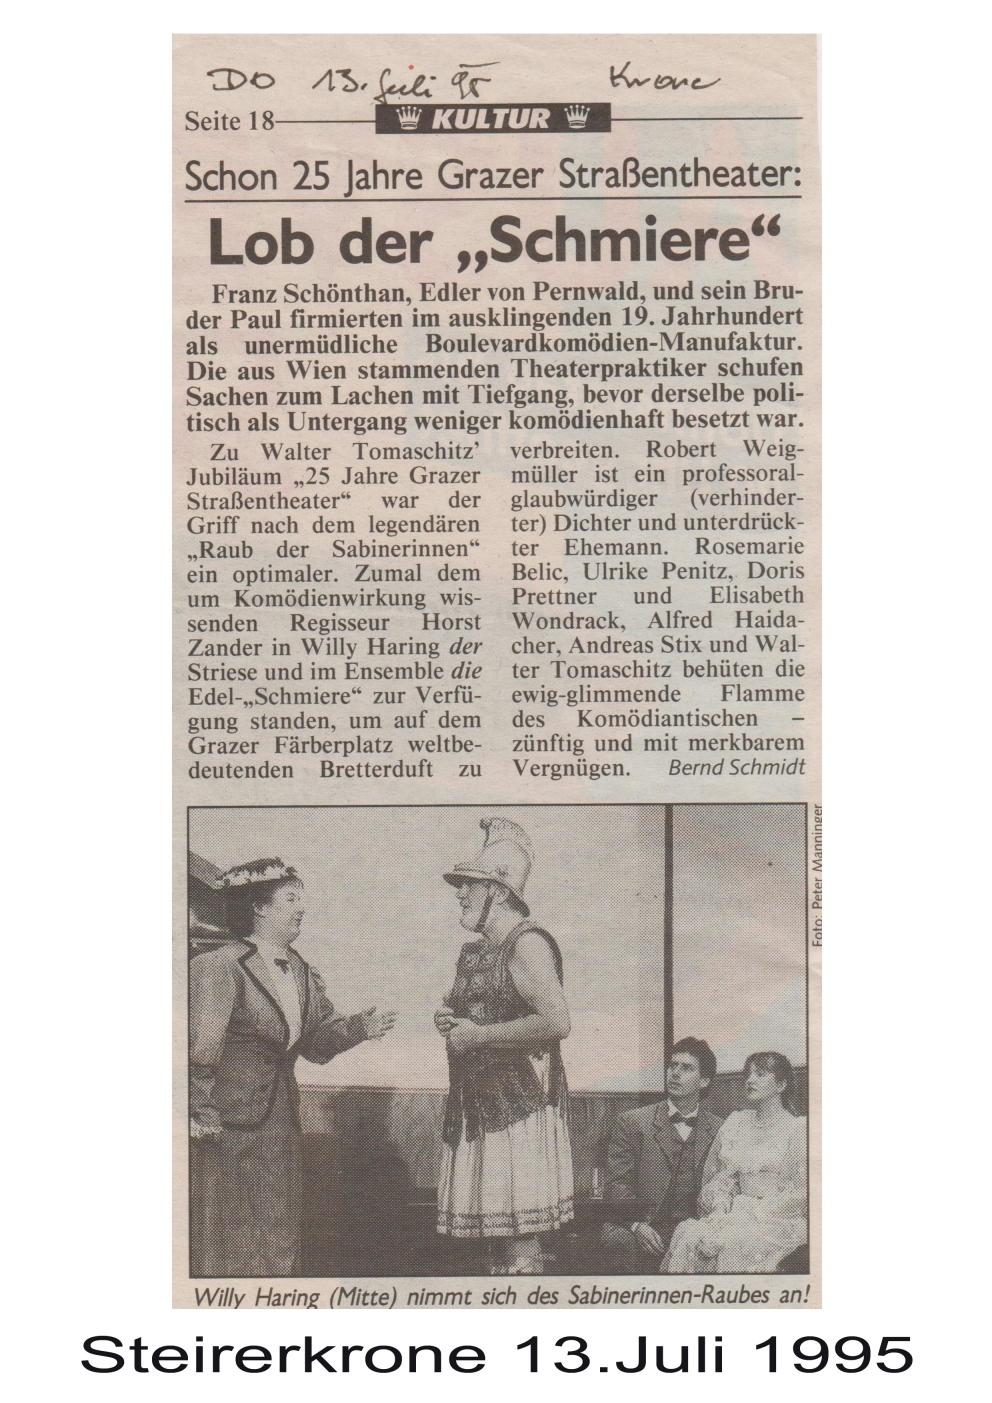 Der Raub der Sabinerinnen 1995